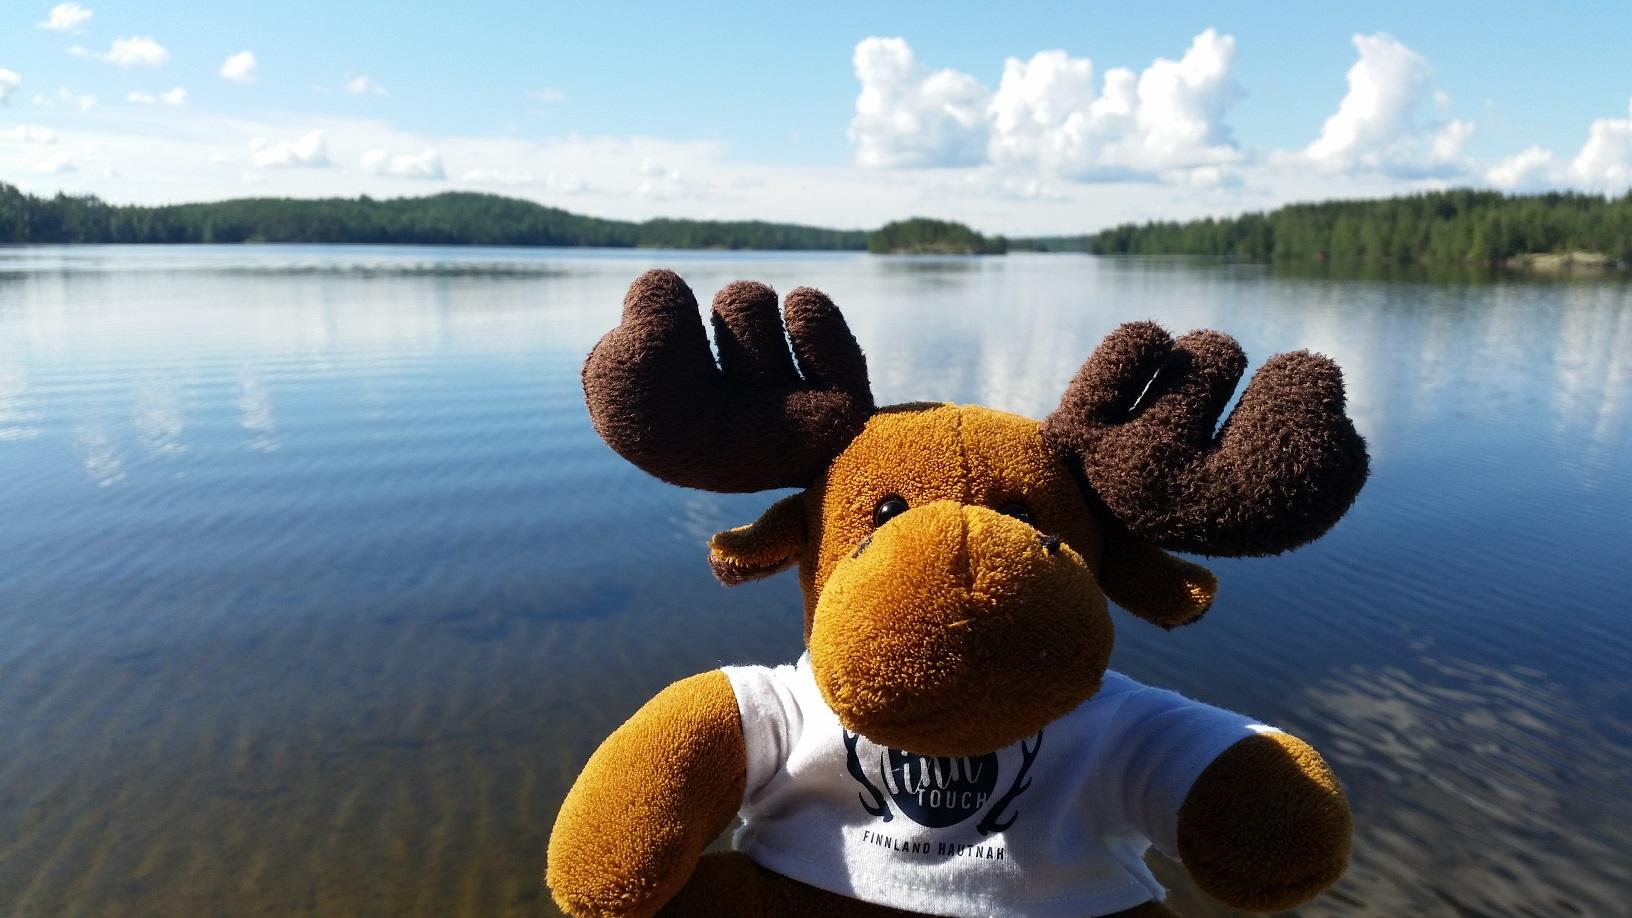 Der niedliche Elch Hannu-Pekka ist ein echter Hingucker und eine tolle Geschenkidee.